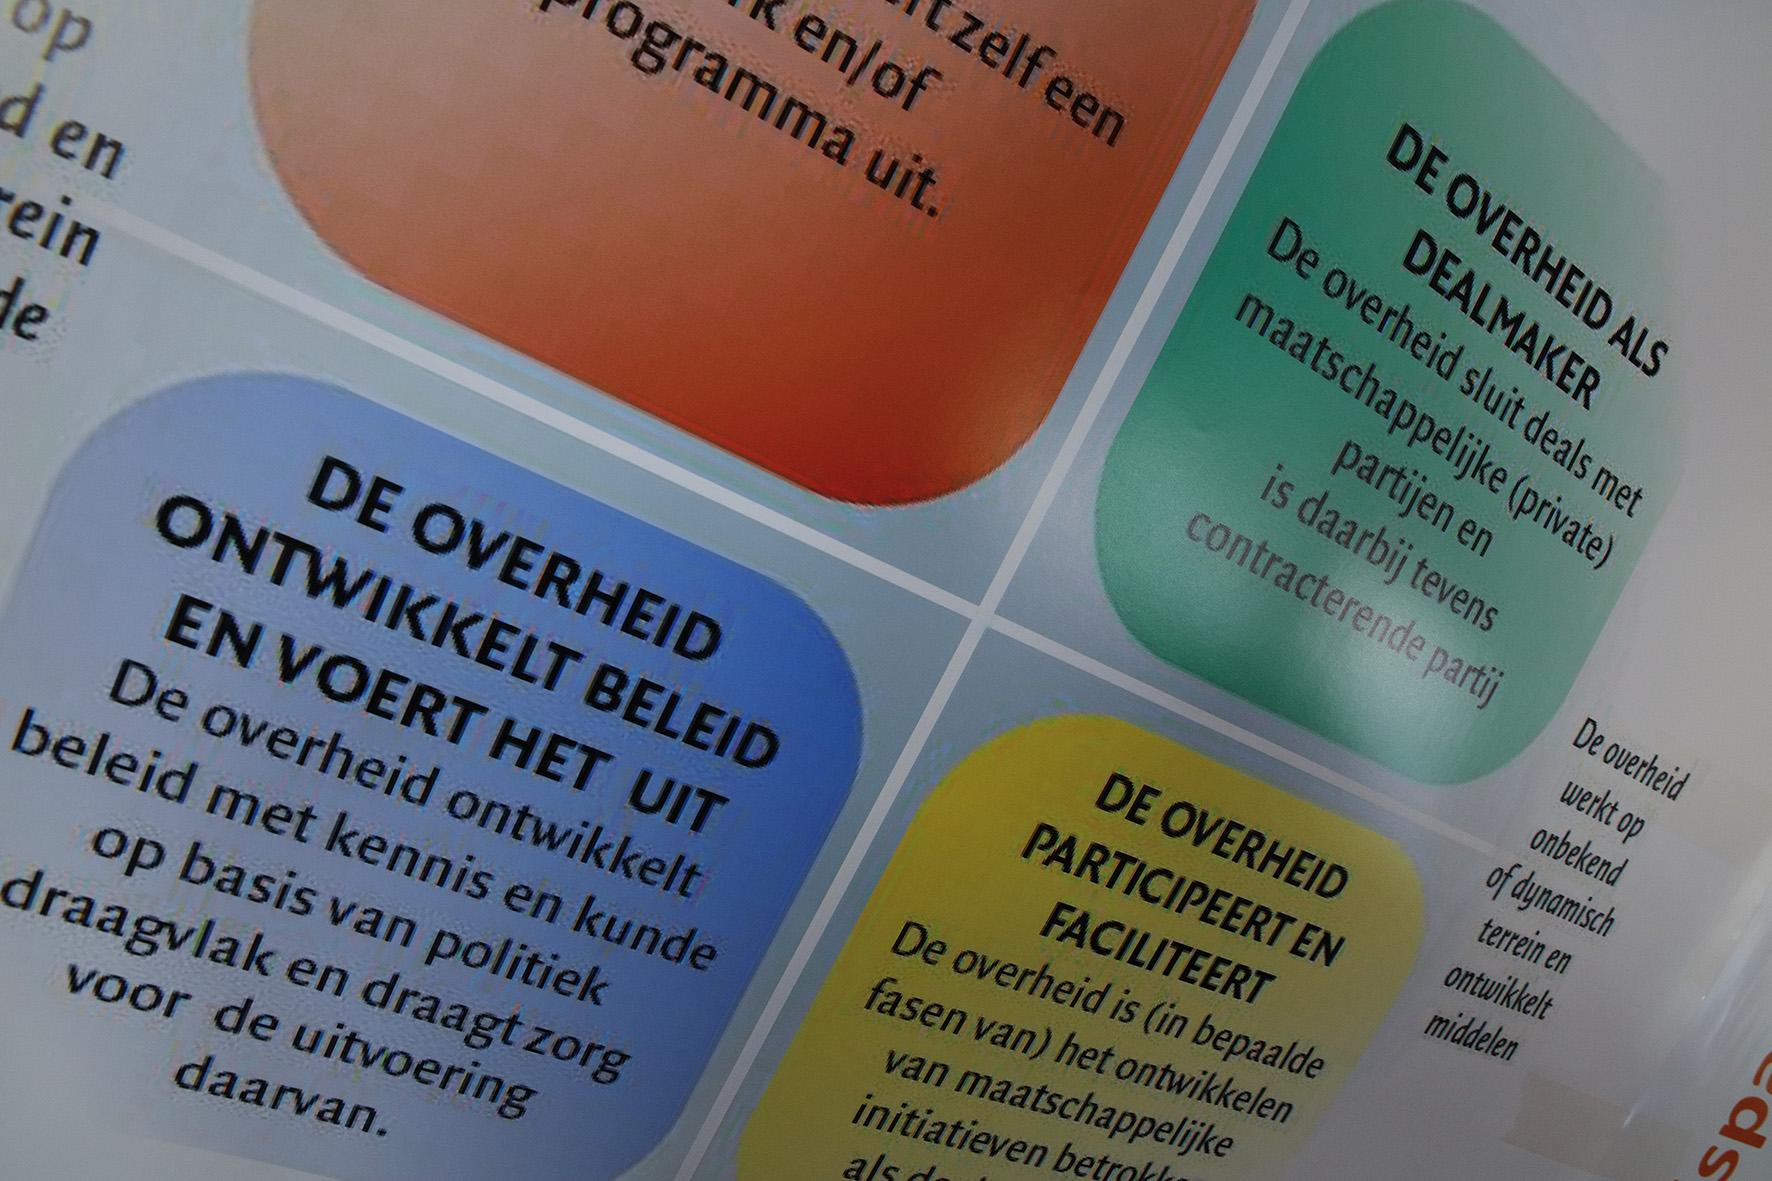 burgemeestersreis-netwerk-ontwerp-veilige-omgeving-108